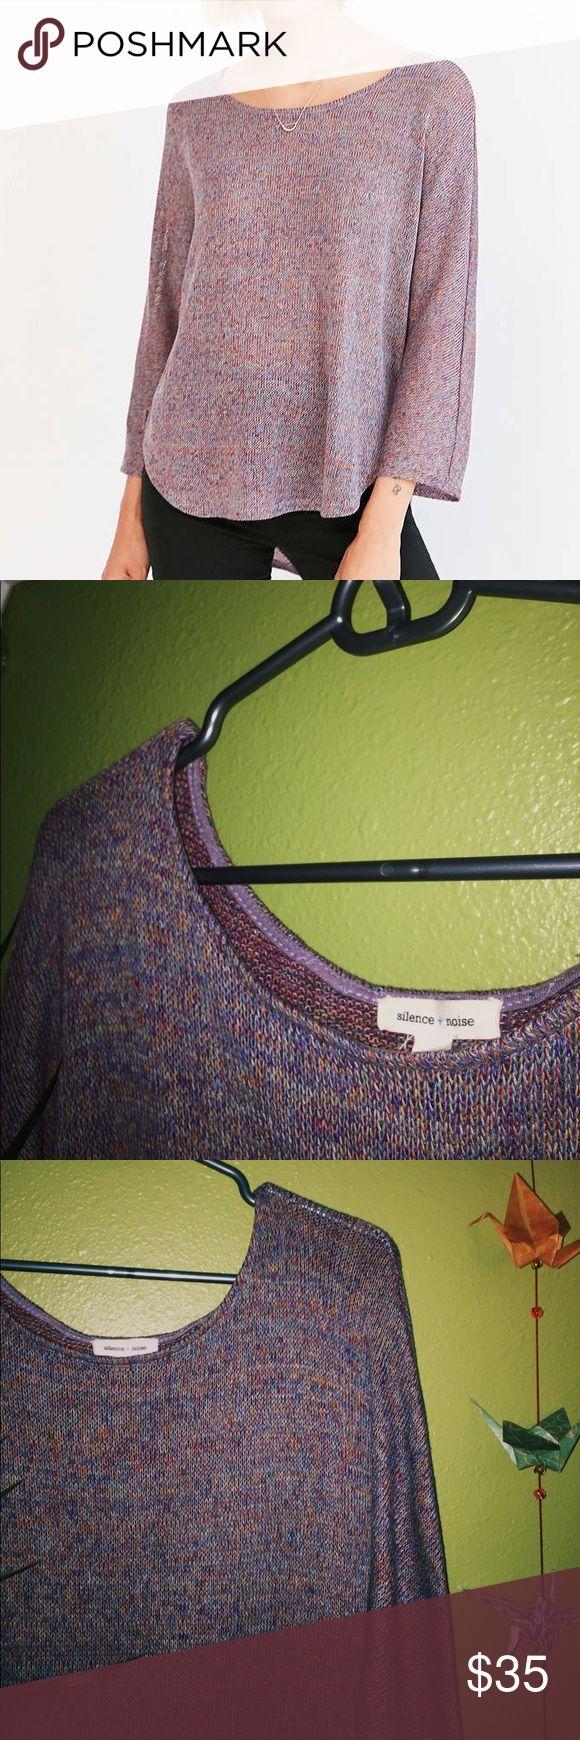 ღsilence + noise multicolored sweater dope sweater that has beautiful multicolored stitching! Urban Outfitters Sweaters Crew & Scoop Necks